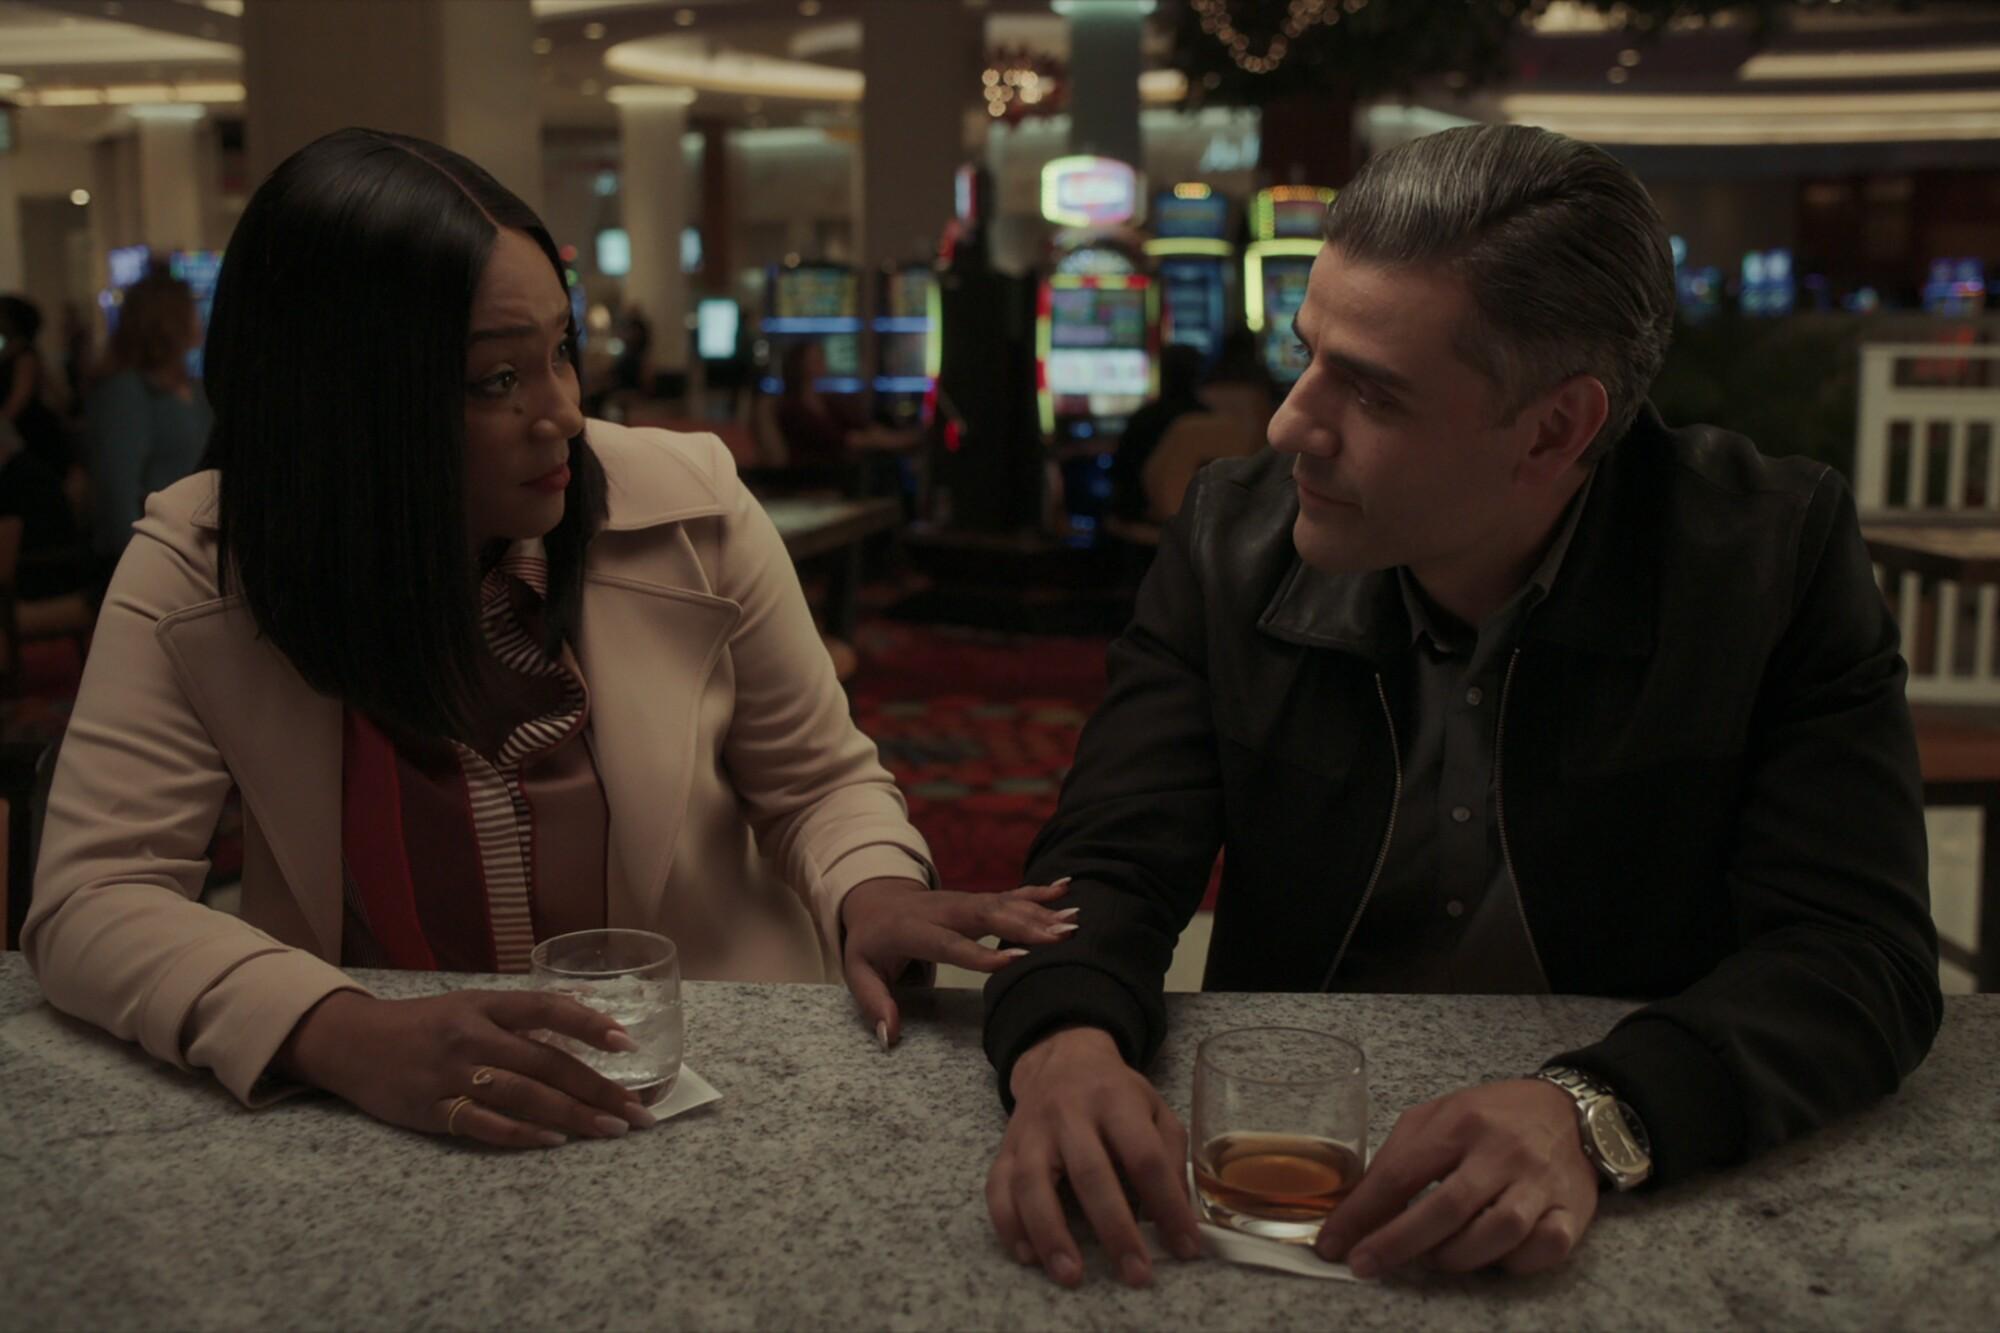 Tiffany Haddish and Oscar Isaac sit at a bar holding drinks